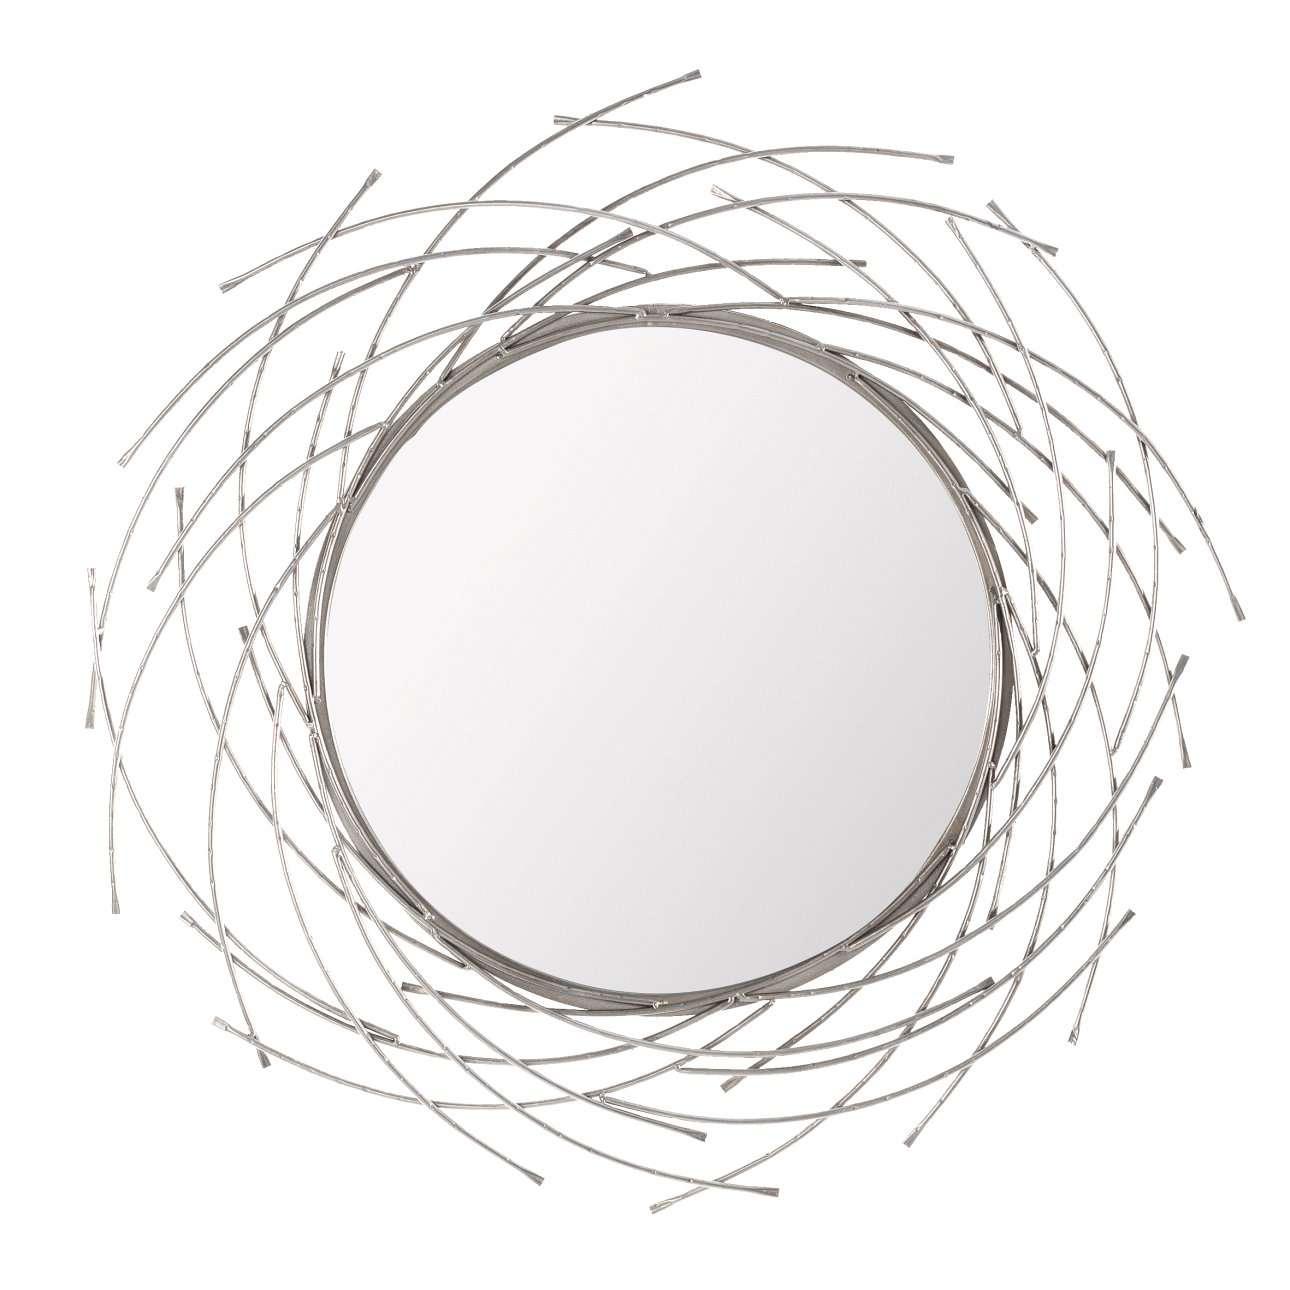 Spiegel Rays silver 103cm, 103×103×4,5cm   Flur & Diele > Spiegel   Dekoria